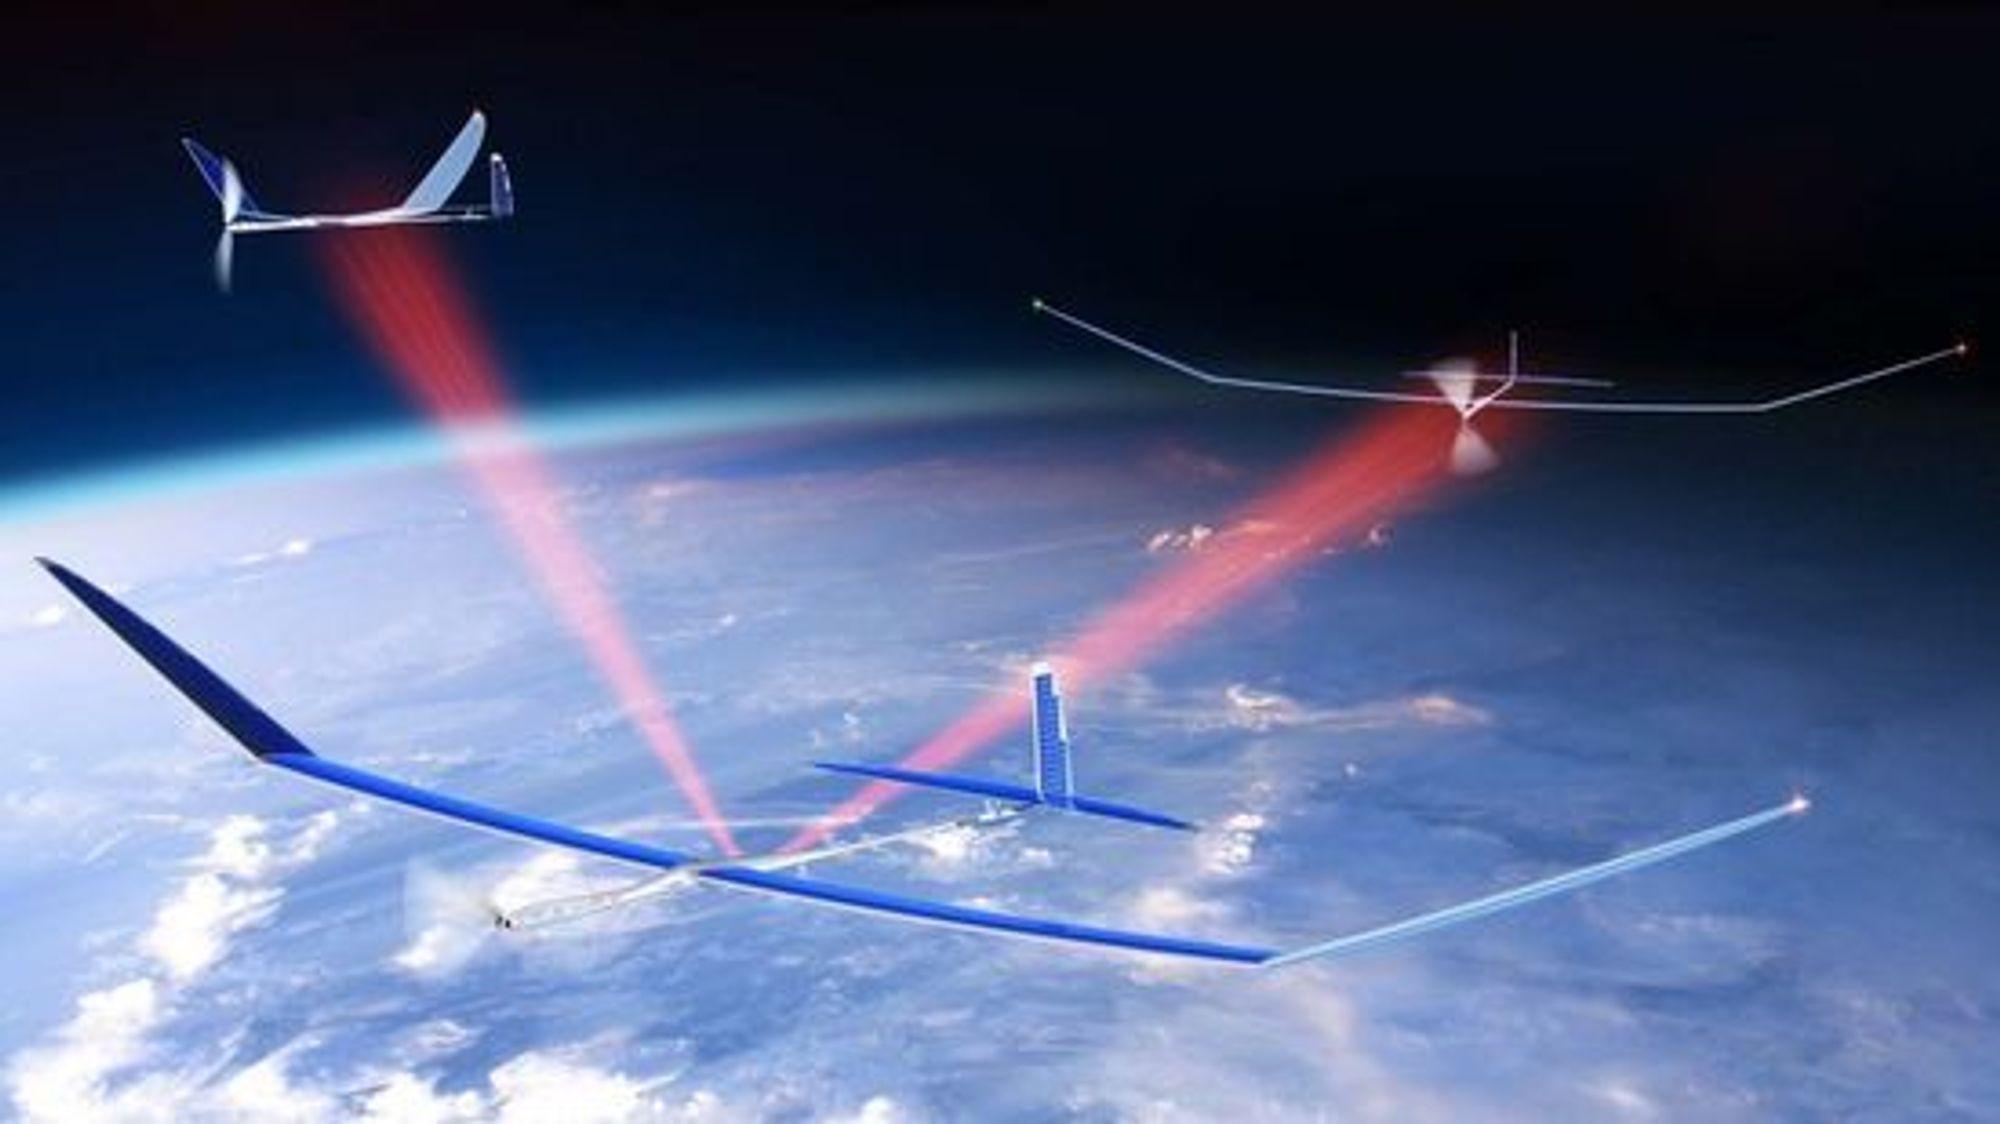 Lasersamband skal gjøre det mulig å fly dronene i formasjon.